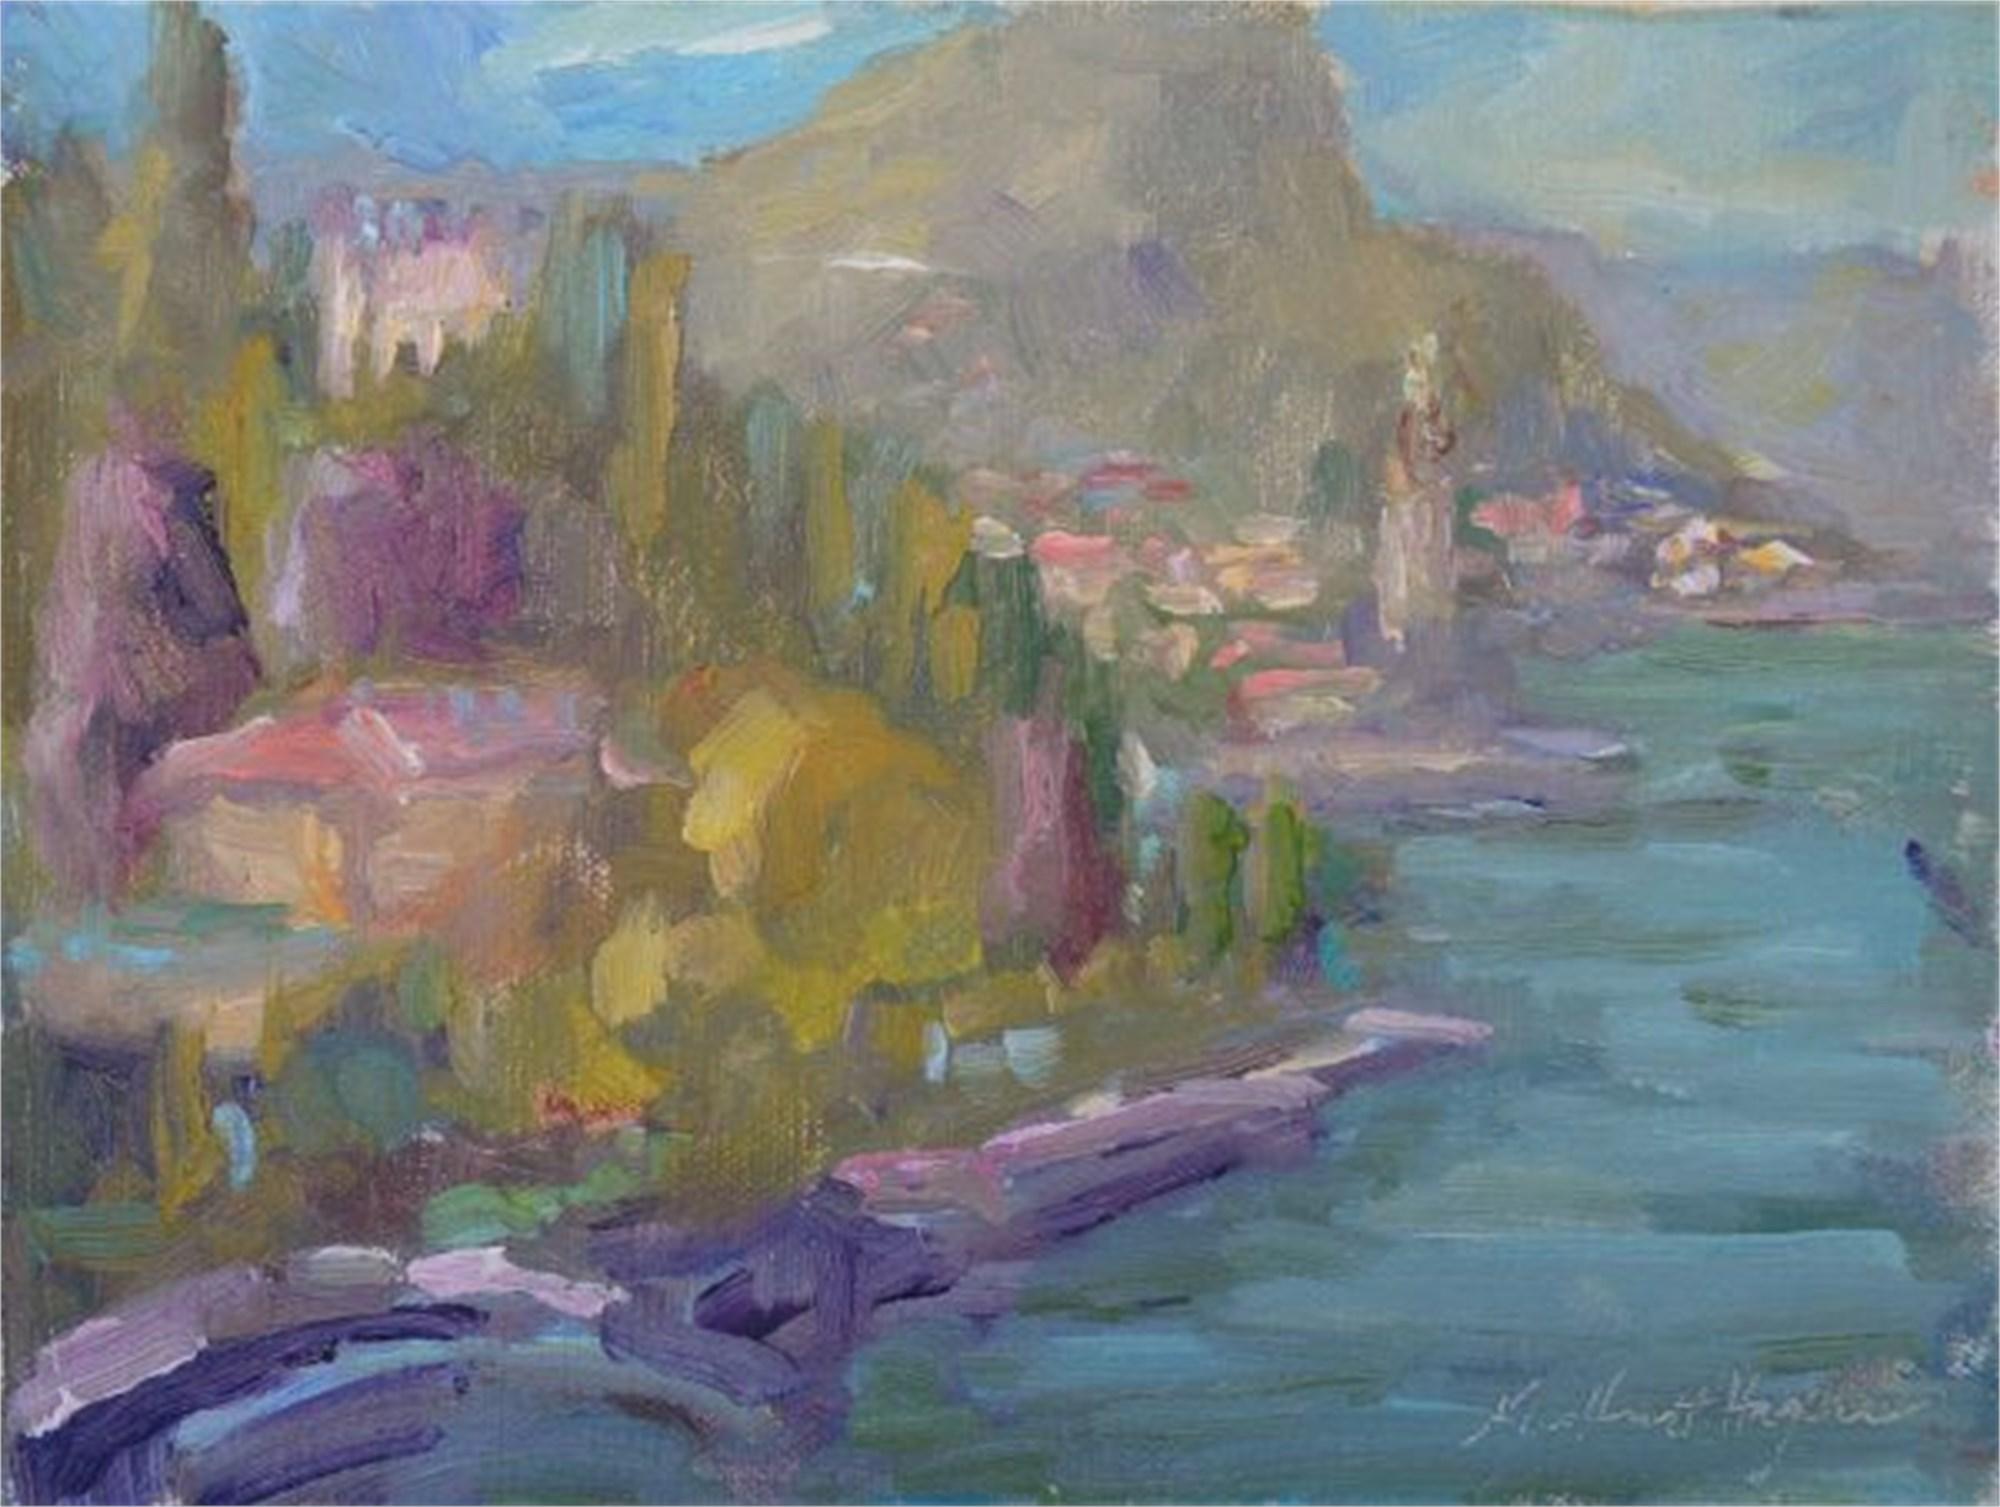 Bellagio on Lake Como, Italy by Karen Hewitt Hagan